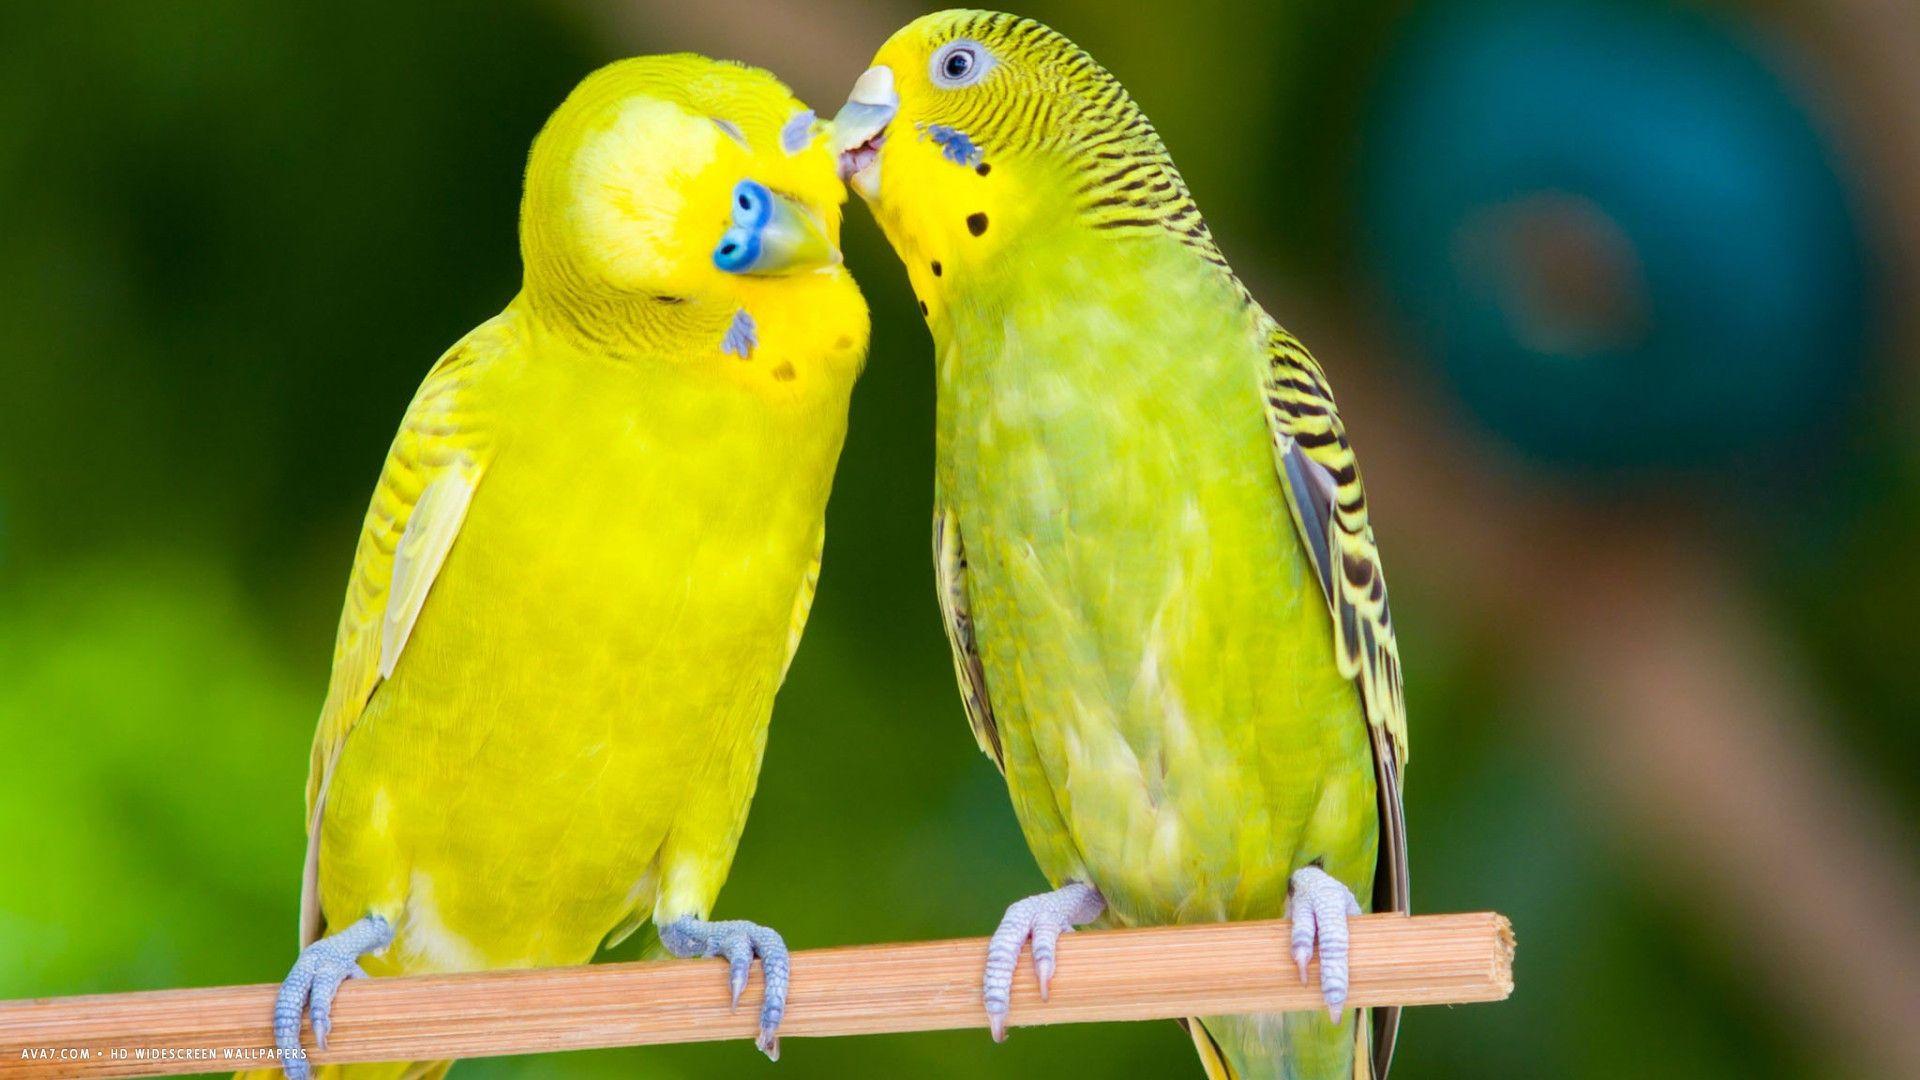 birds hd desktop wallpapers